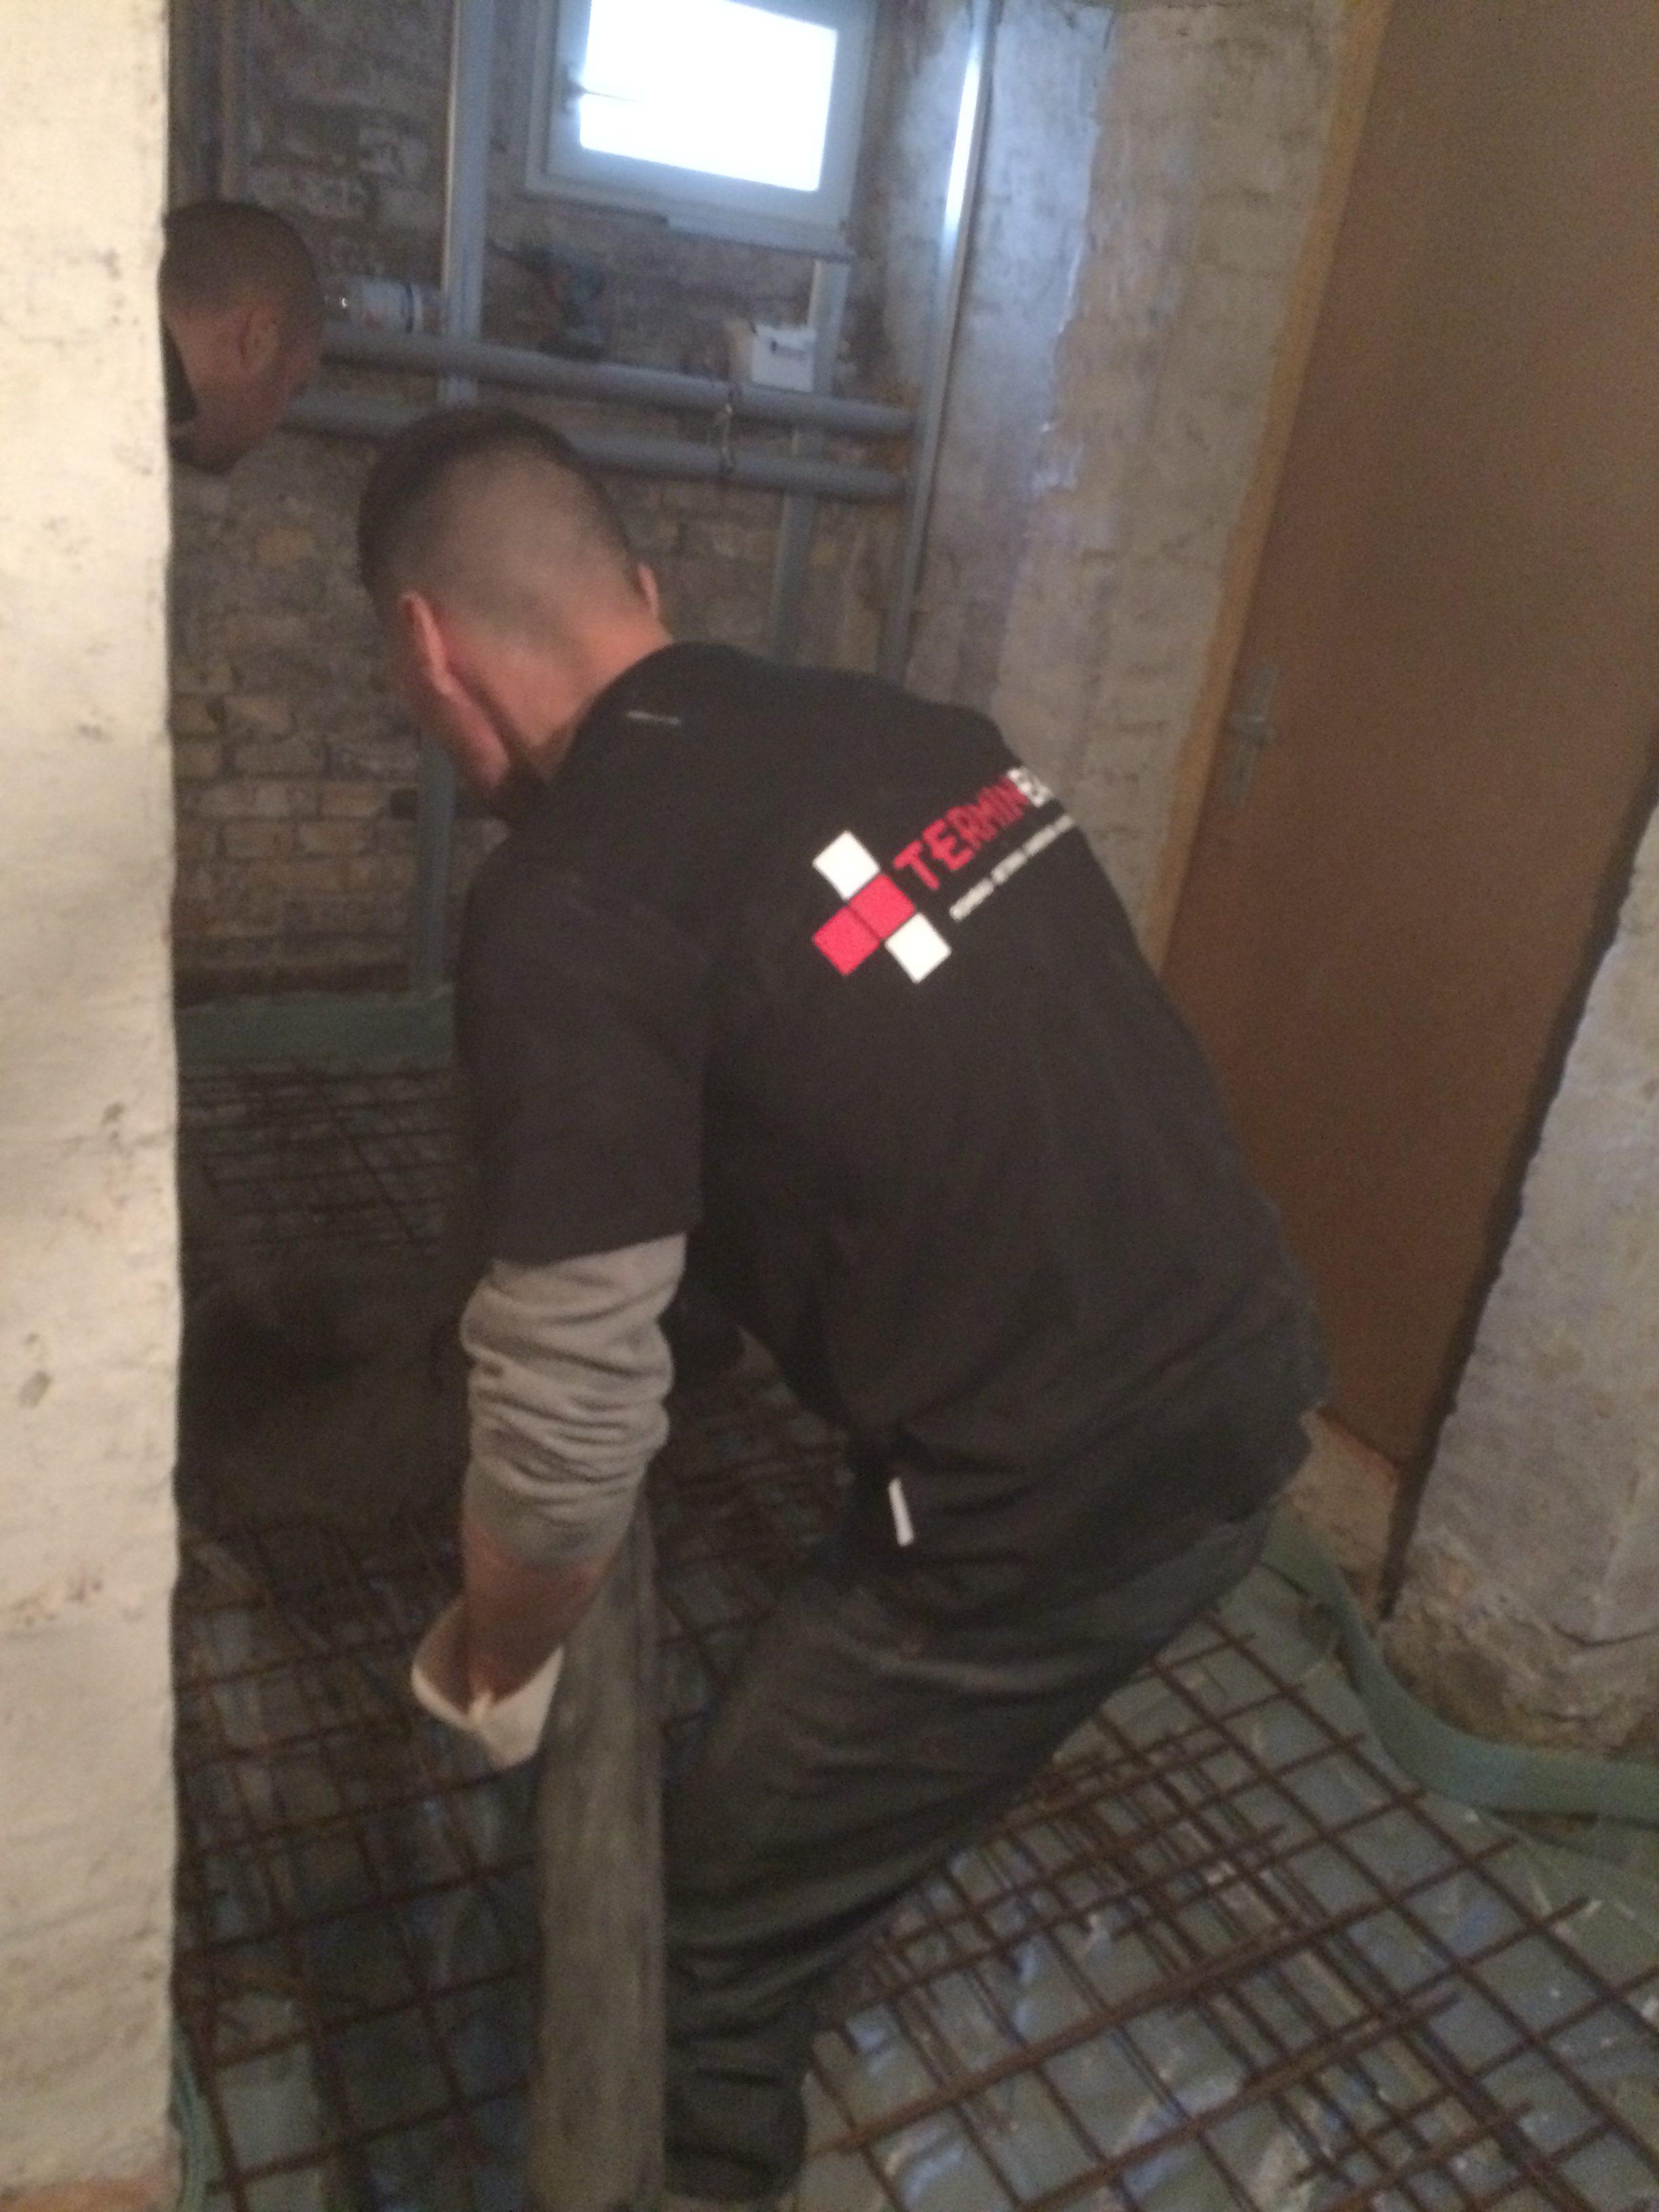 Renovierung und Modernisierung in Leipzig - Altbausanierung vom Fachmann